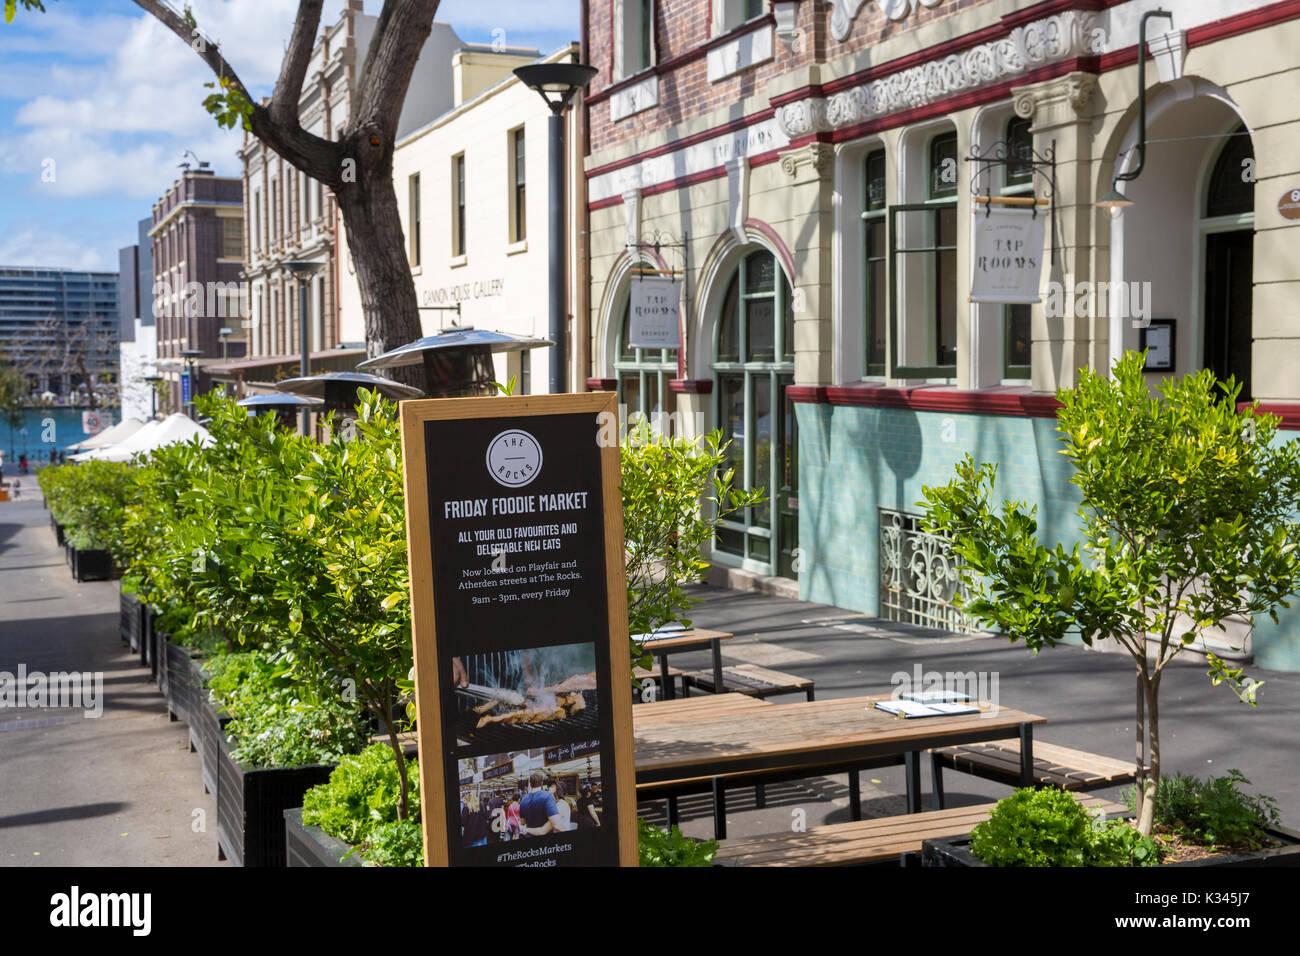 Segno per venerdì buongustai mercati in Argyle street le rocce la zona storica del centro di Sydney, Nuovo Galles del Sud, Australia Immagini Stock